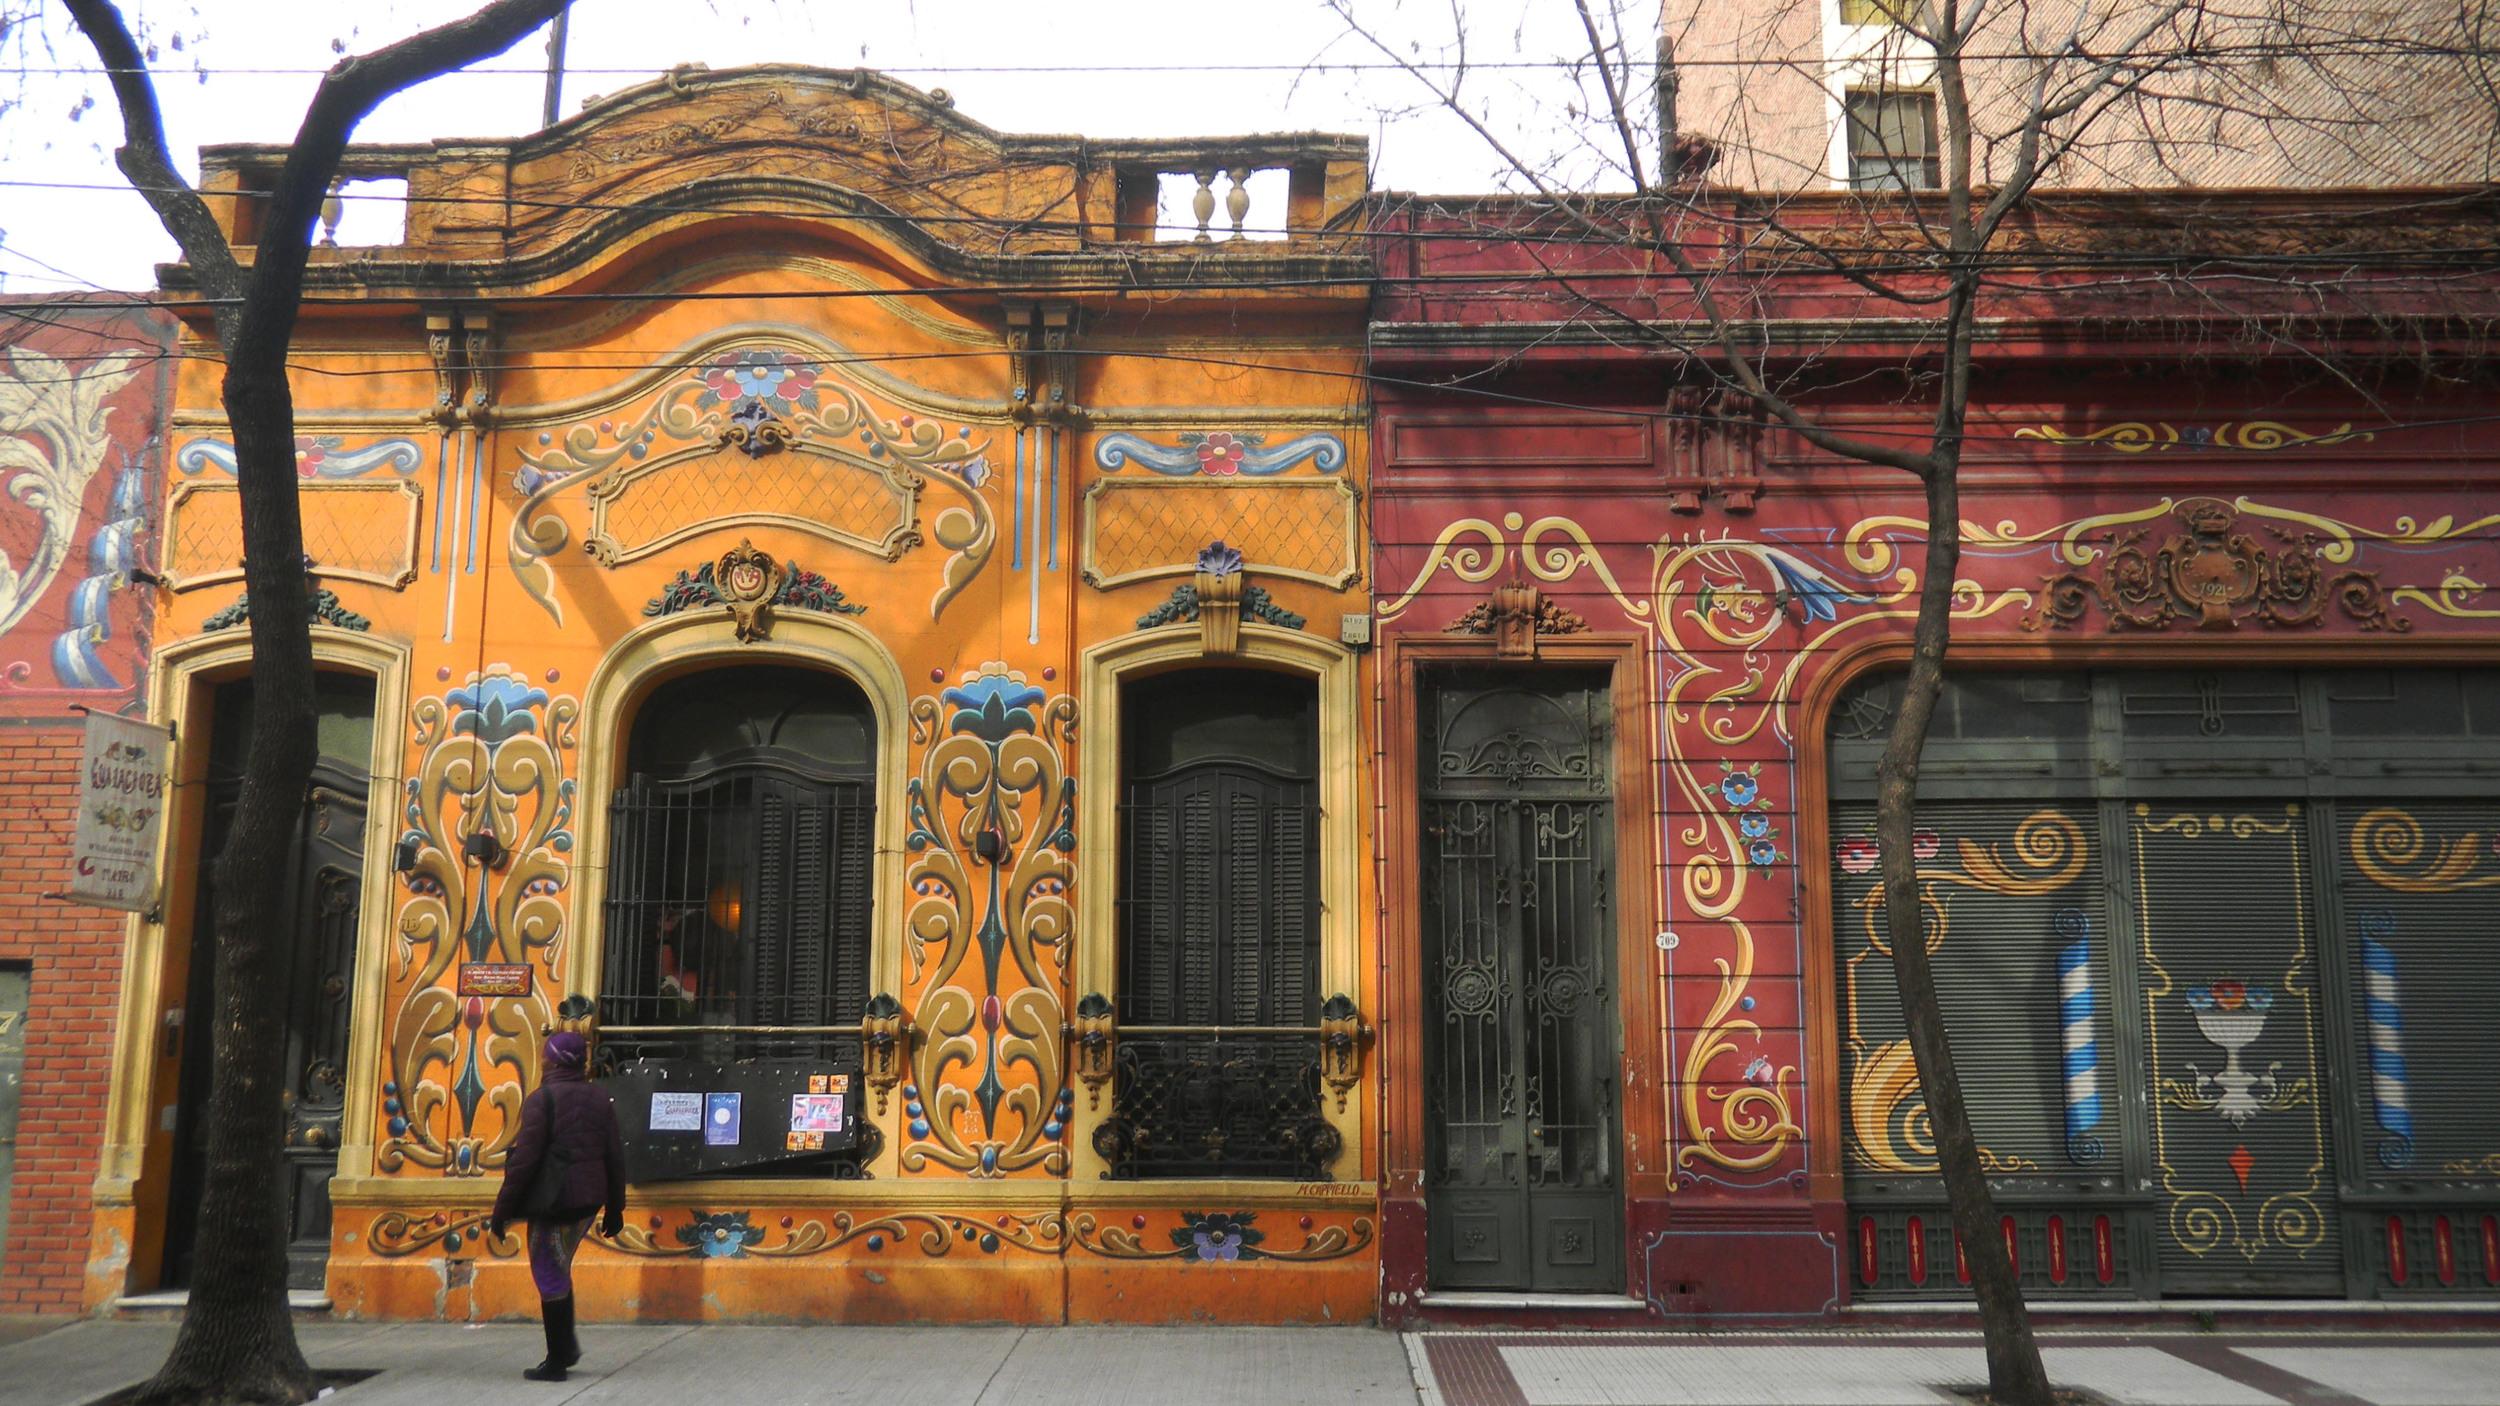 Fileteado Porteño - Artistically Adorned Building Facades in Buenos Aires